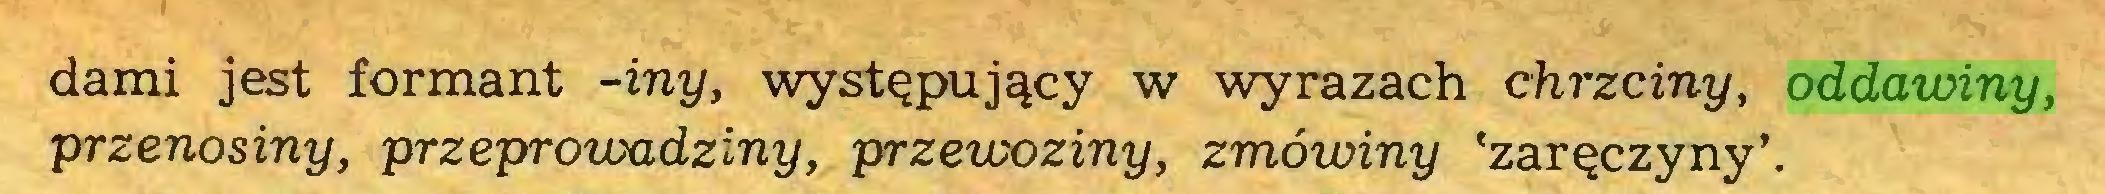 (...) darni jest formant -iny, występujący w wyrazach chrzciny, oddawiny, przenosiny, przeproioadziny, przewoziny, zmówiny 'zaręczyny'...